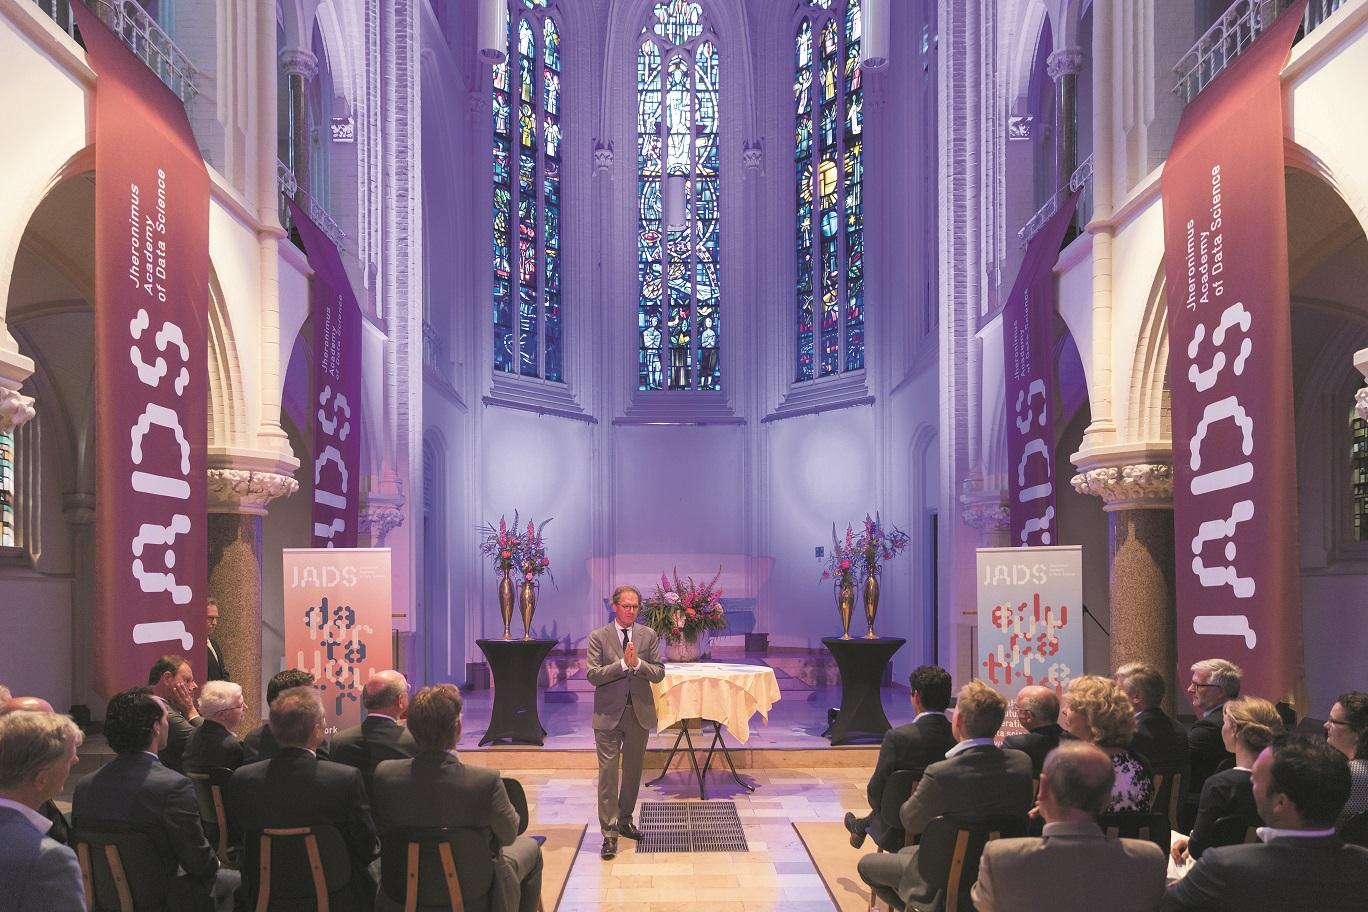 Nederland,  Den Bosch, ondertekeening van contracten voor Jads .